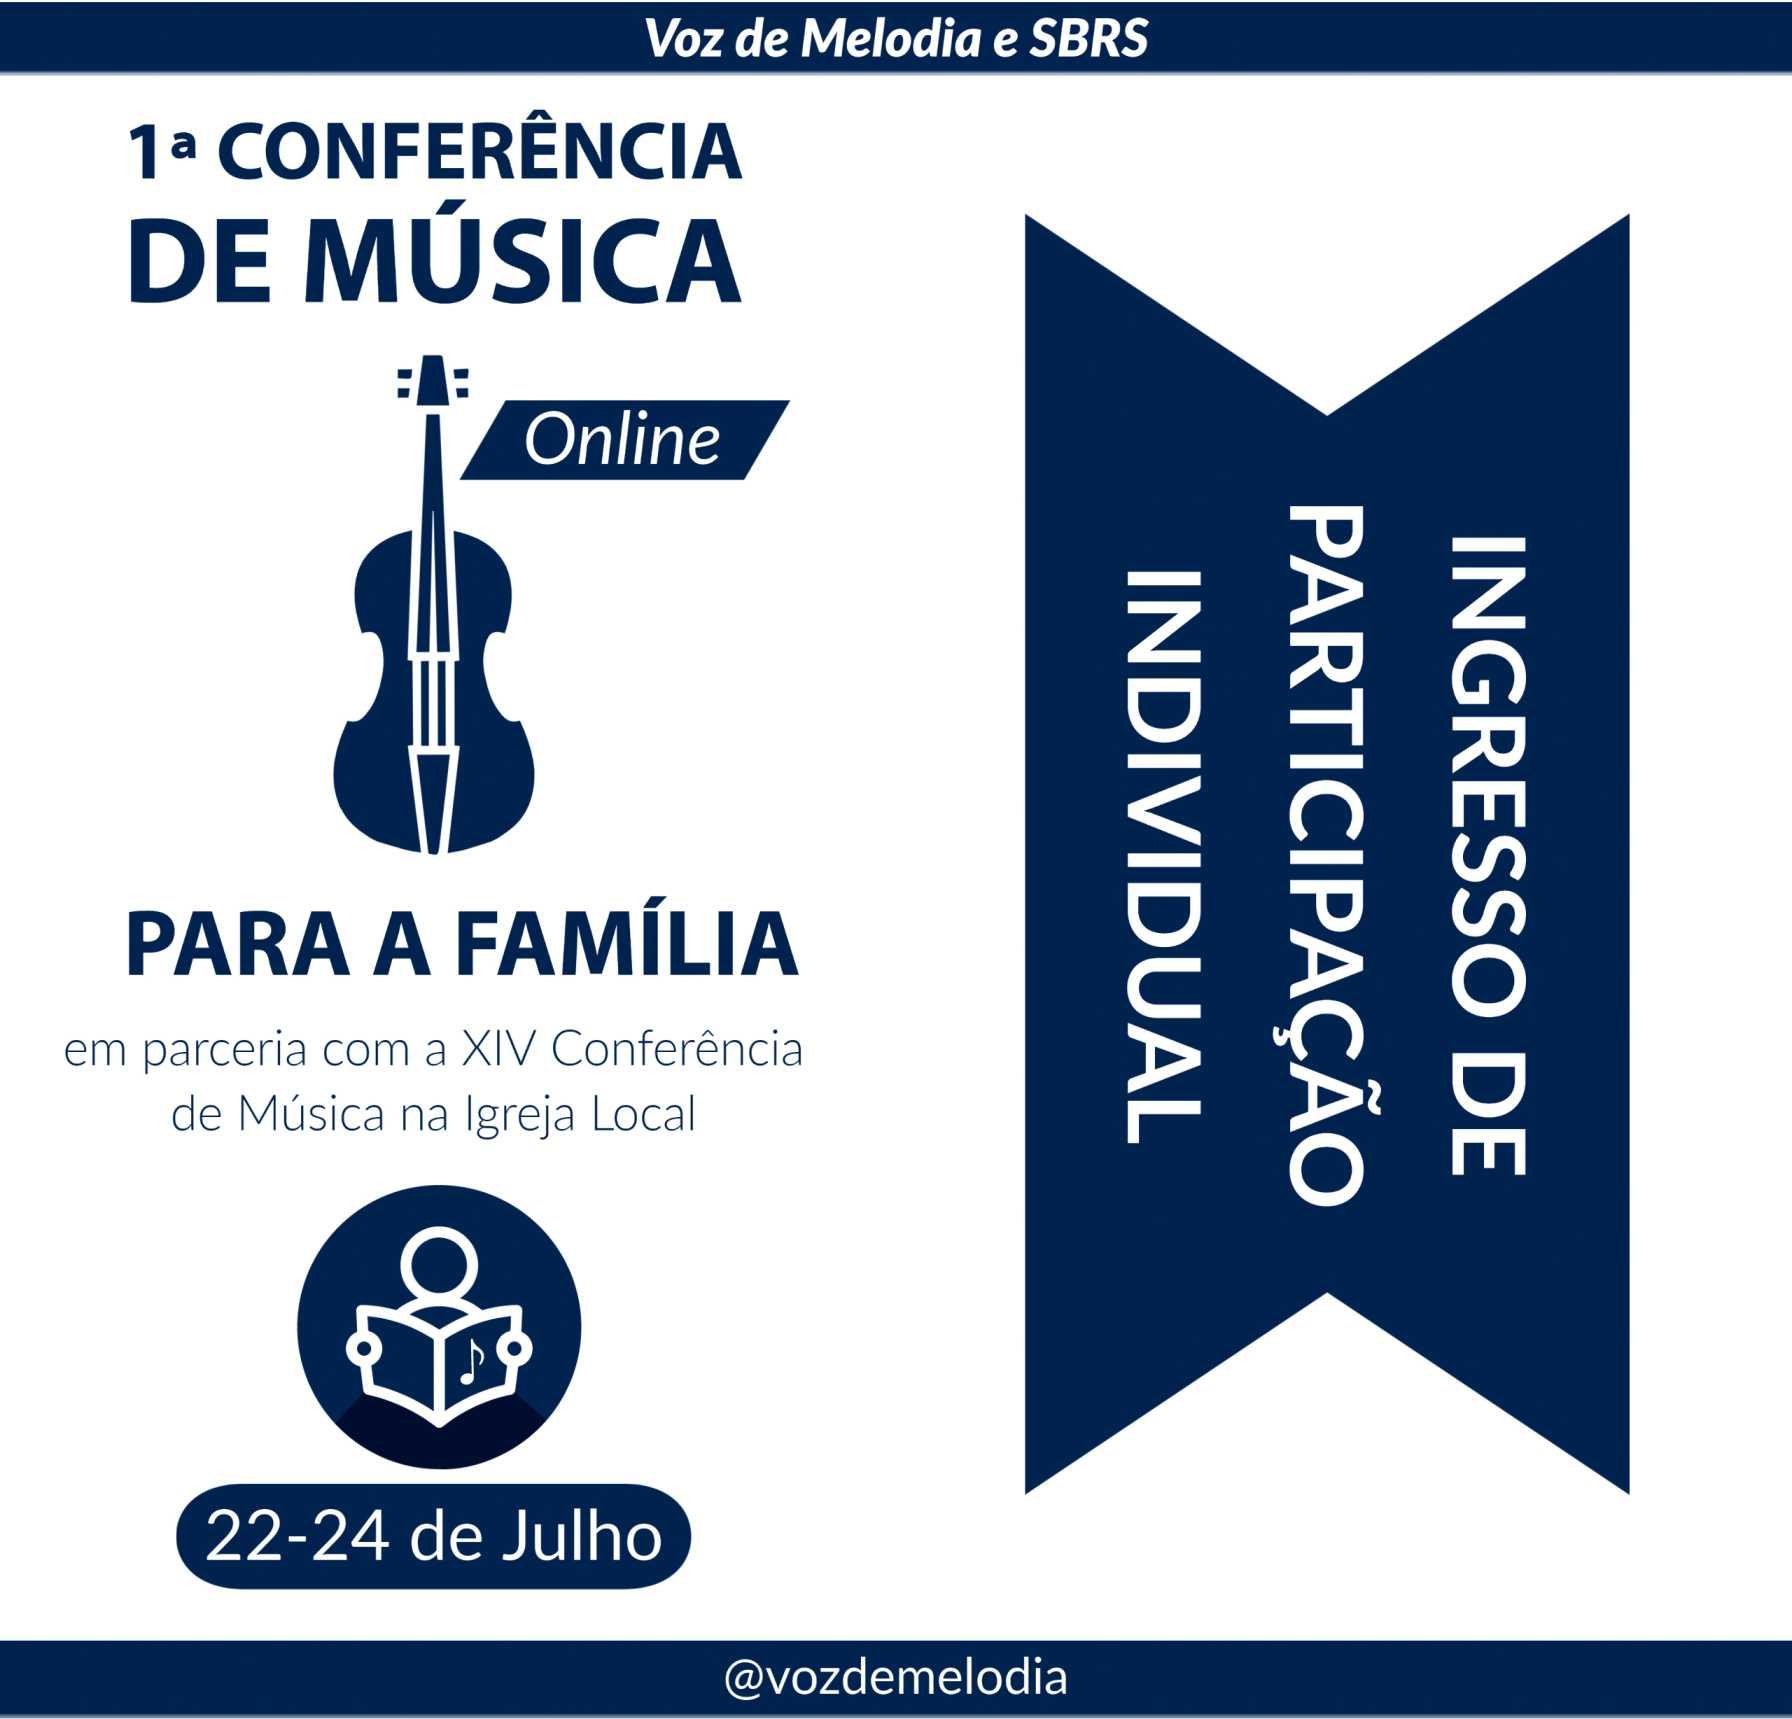 Pacote Igreja - 25 Adultos e 25 Crianças + 5 Livros Bônus - 1a Conferência de Música para a Família